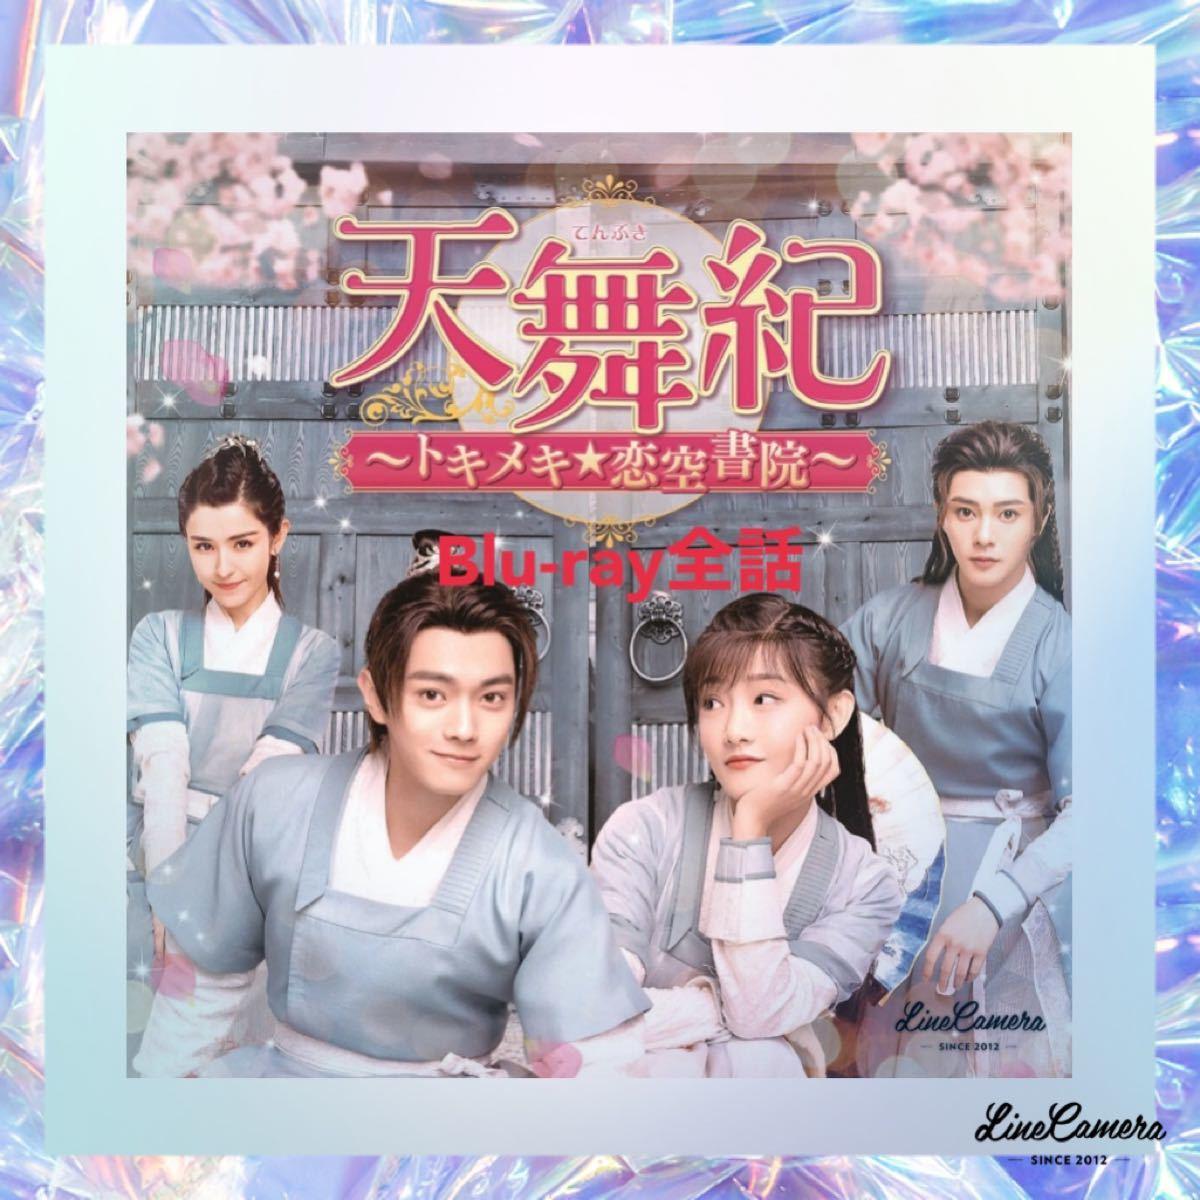 中国ドラマ 天舞紀 Blu-ray全話